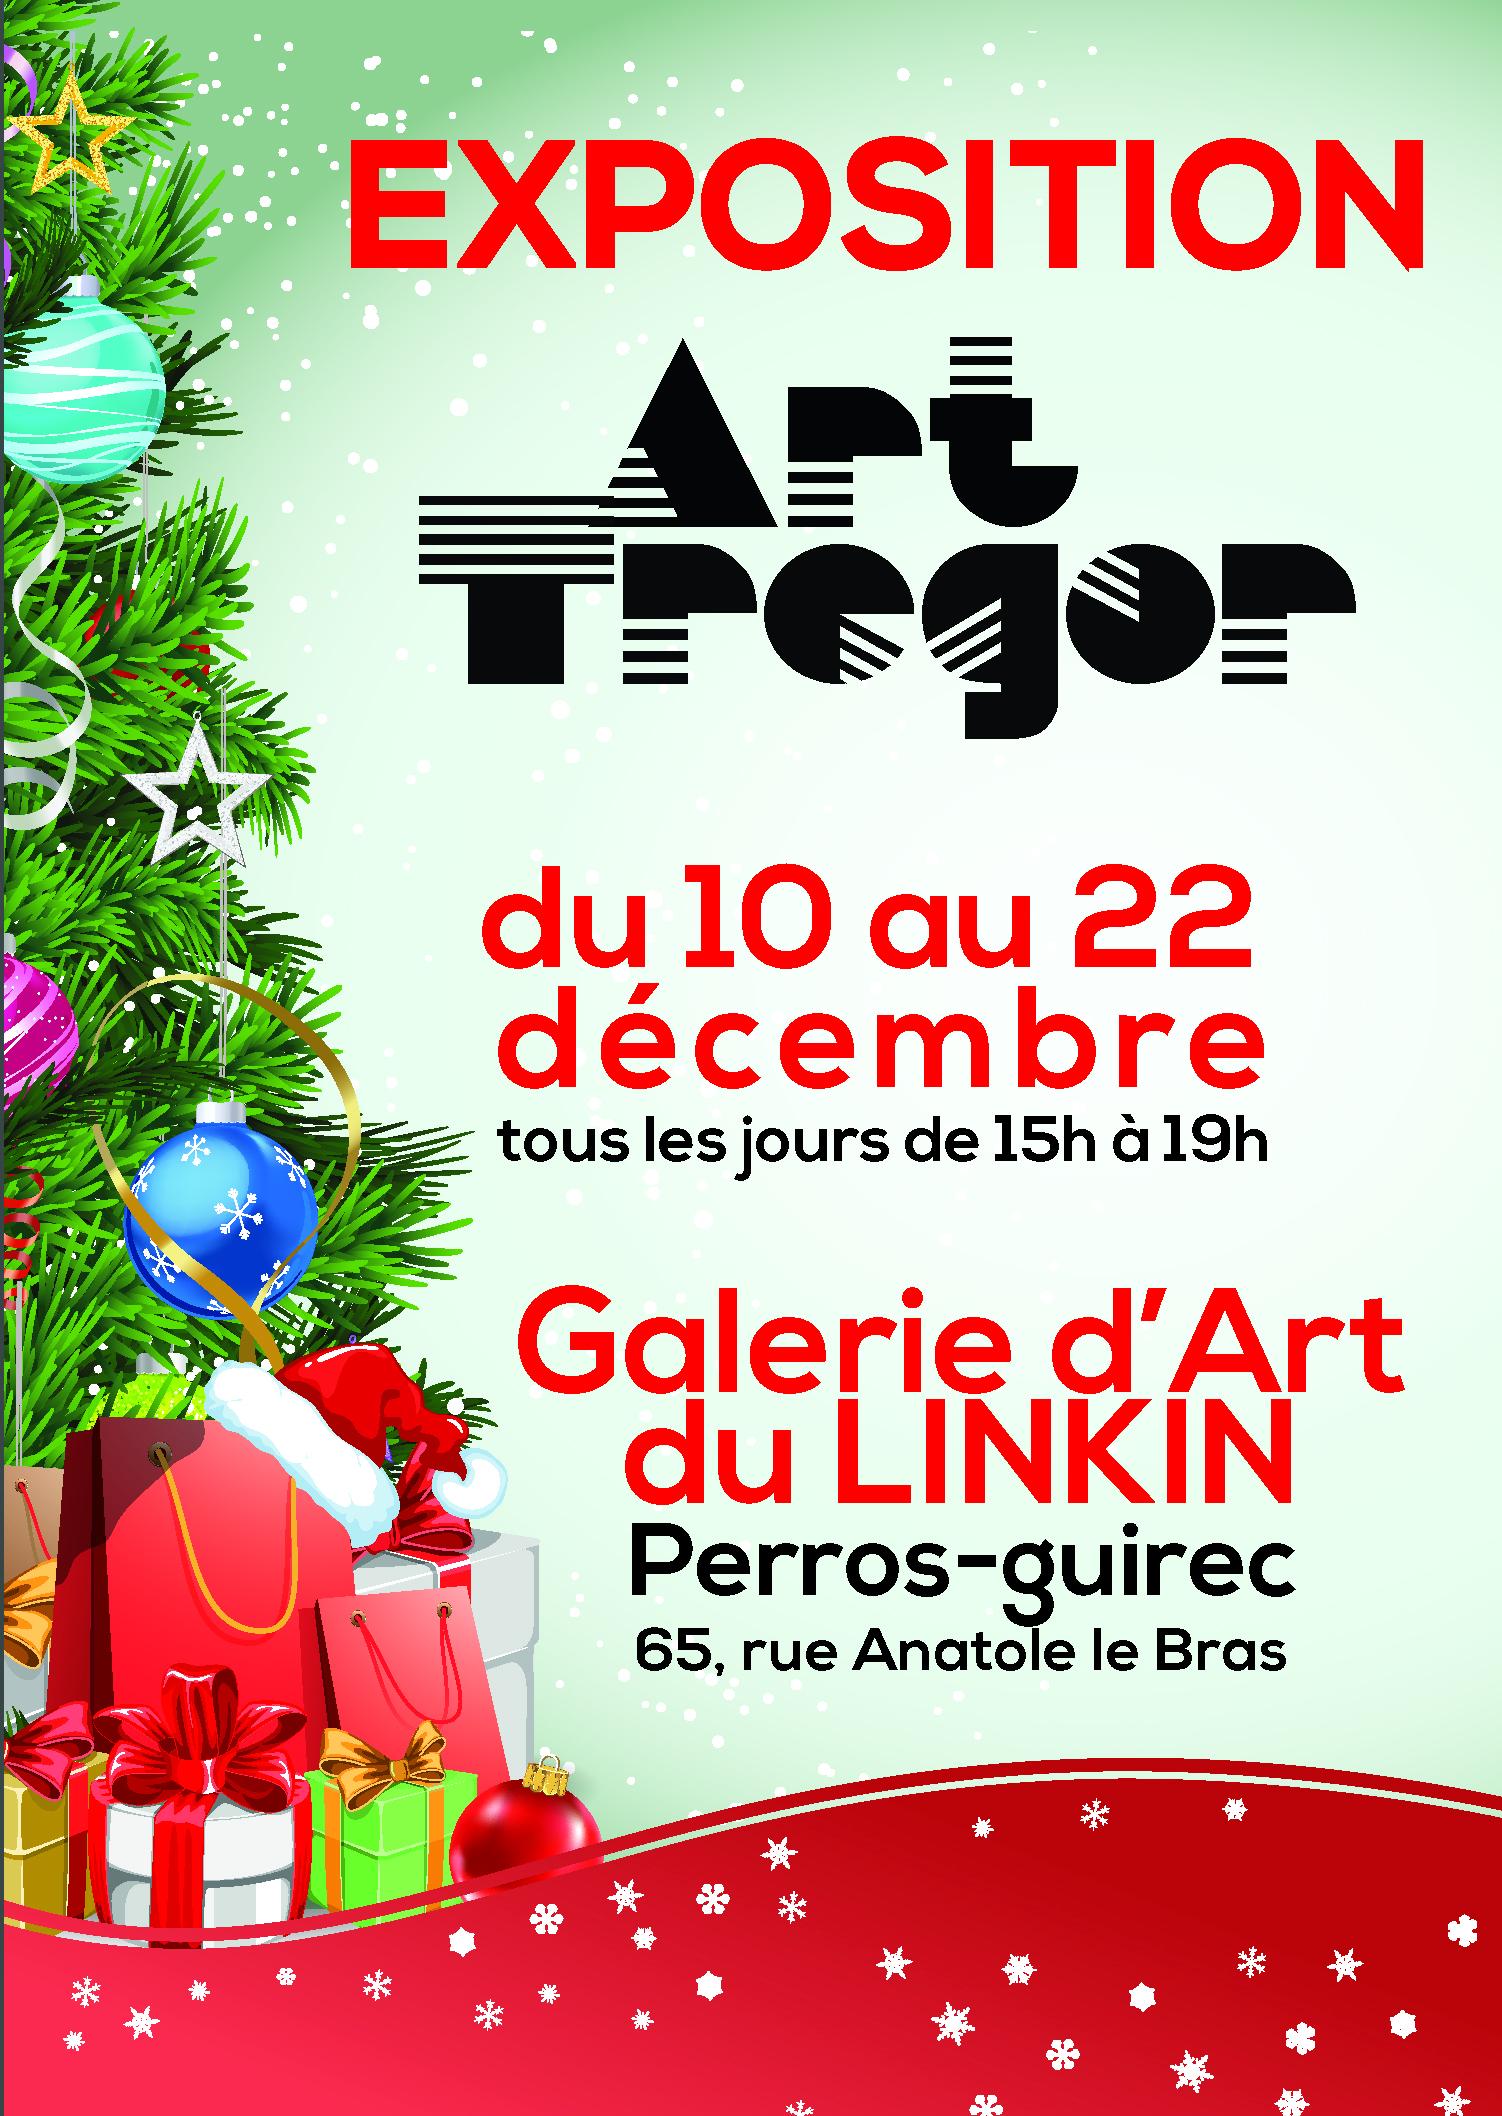 Exposition Galerie d'Art du Linkin Noël 2016